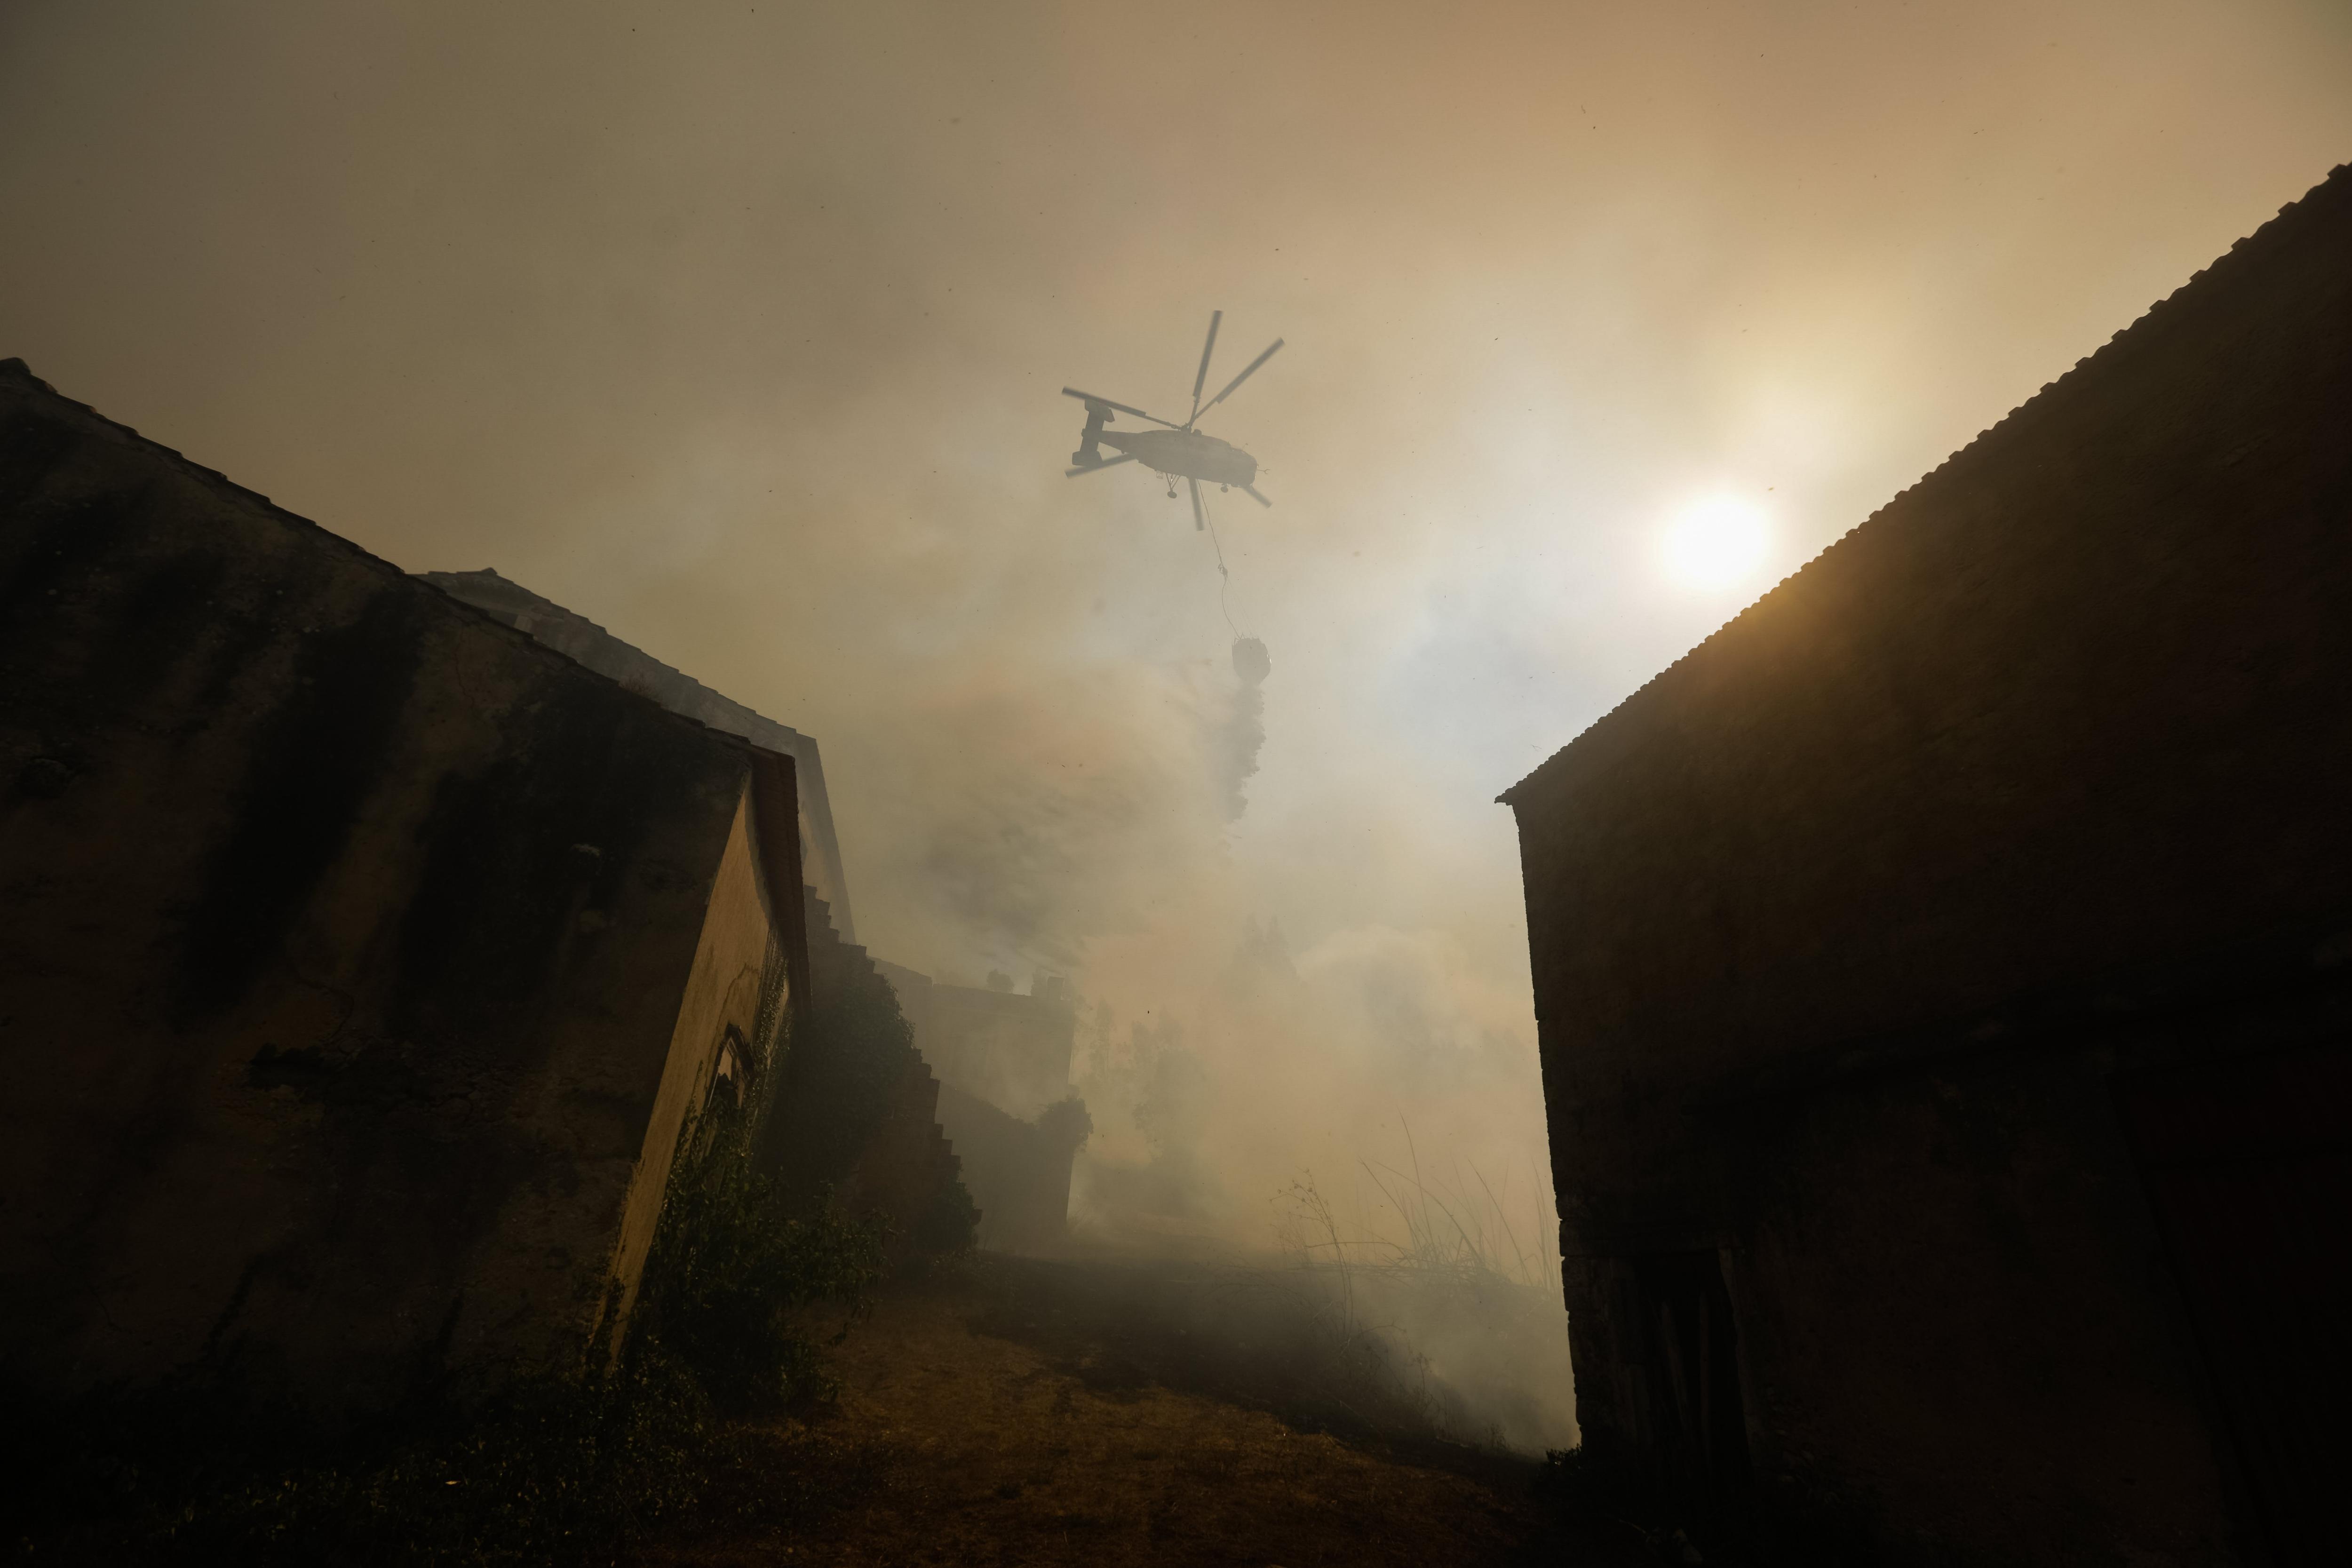 Un helicòpter llança aigua sobre un incendi forestal a Vila Pisao, Mealhada (Portugal). /PAULO NOVAIS